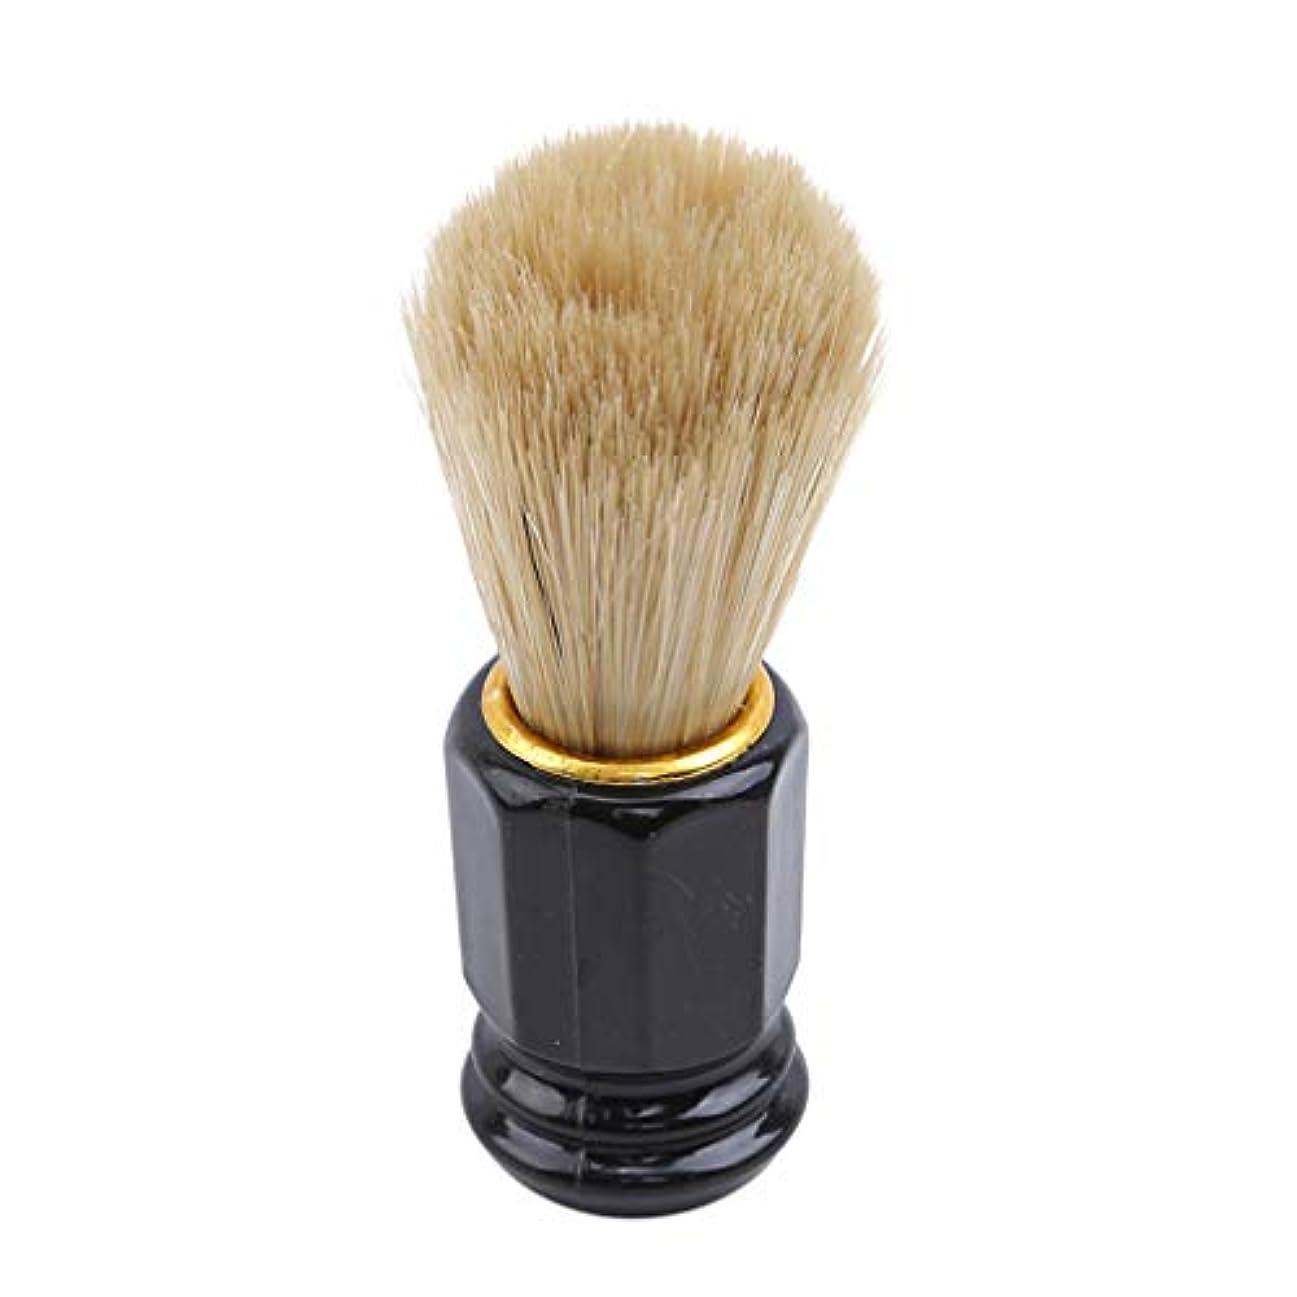 激怒ミリメーターペルセウス火の色 ひげブラシ シェービングブラシ 美容ツール 理容 洗顔 髭剃り 泡立ち 男性